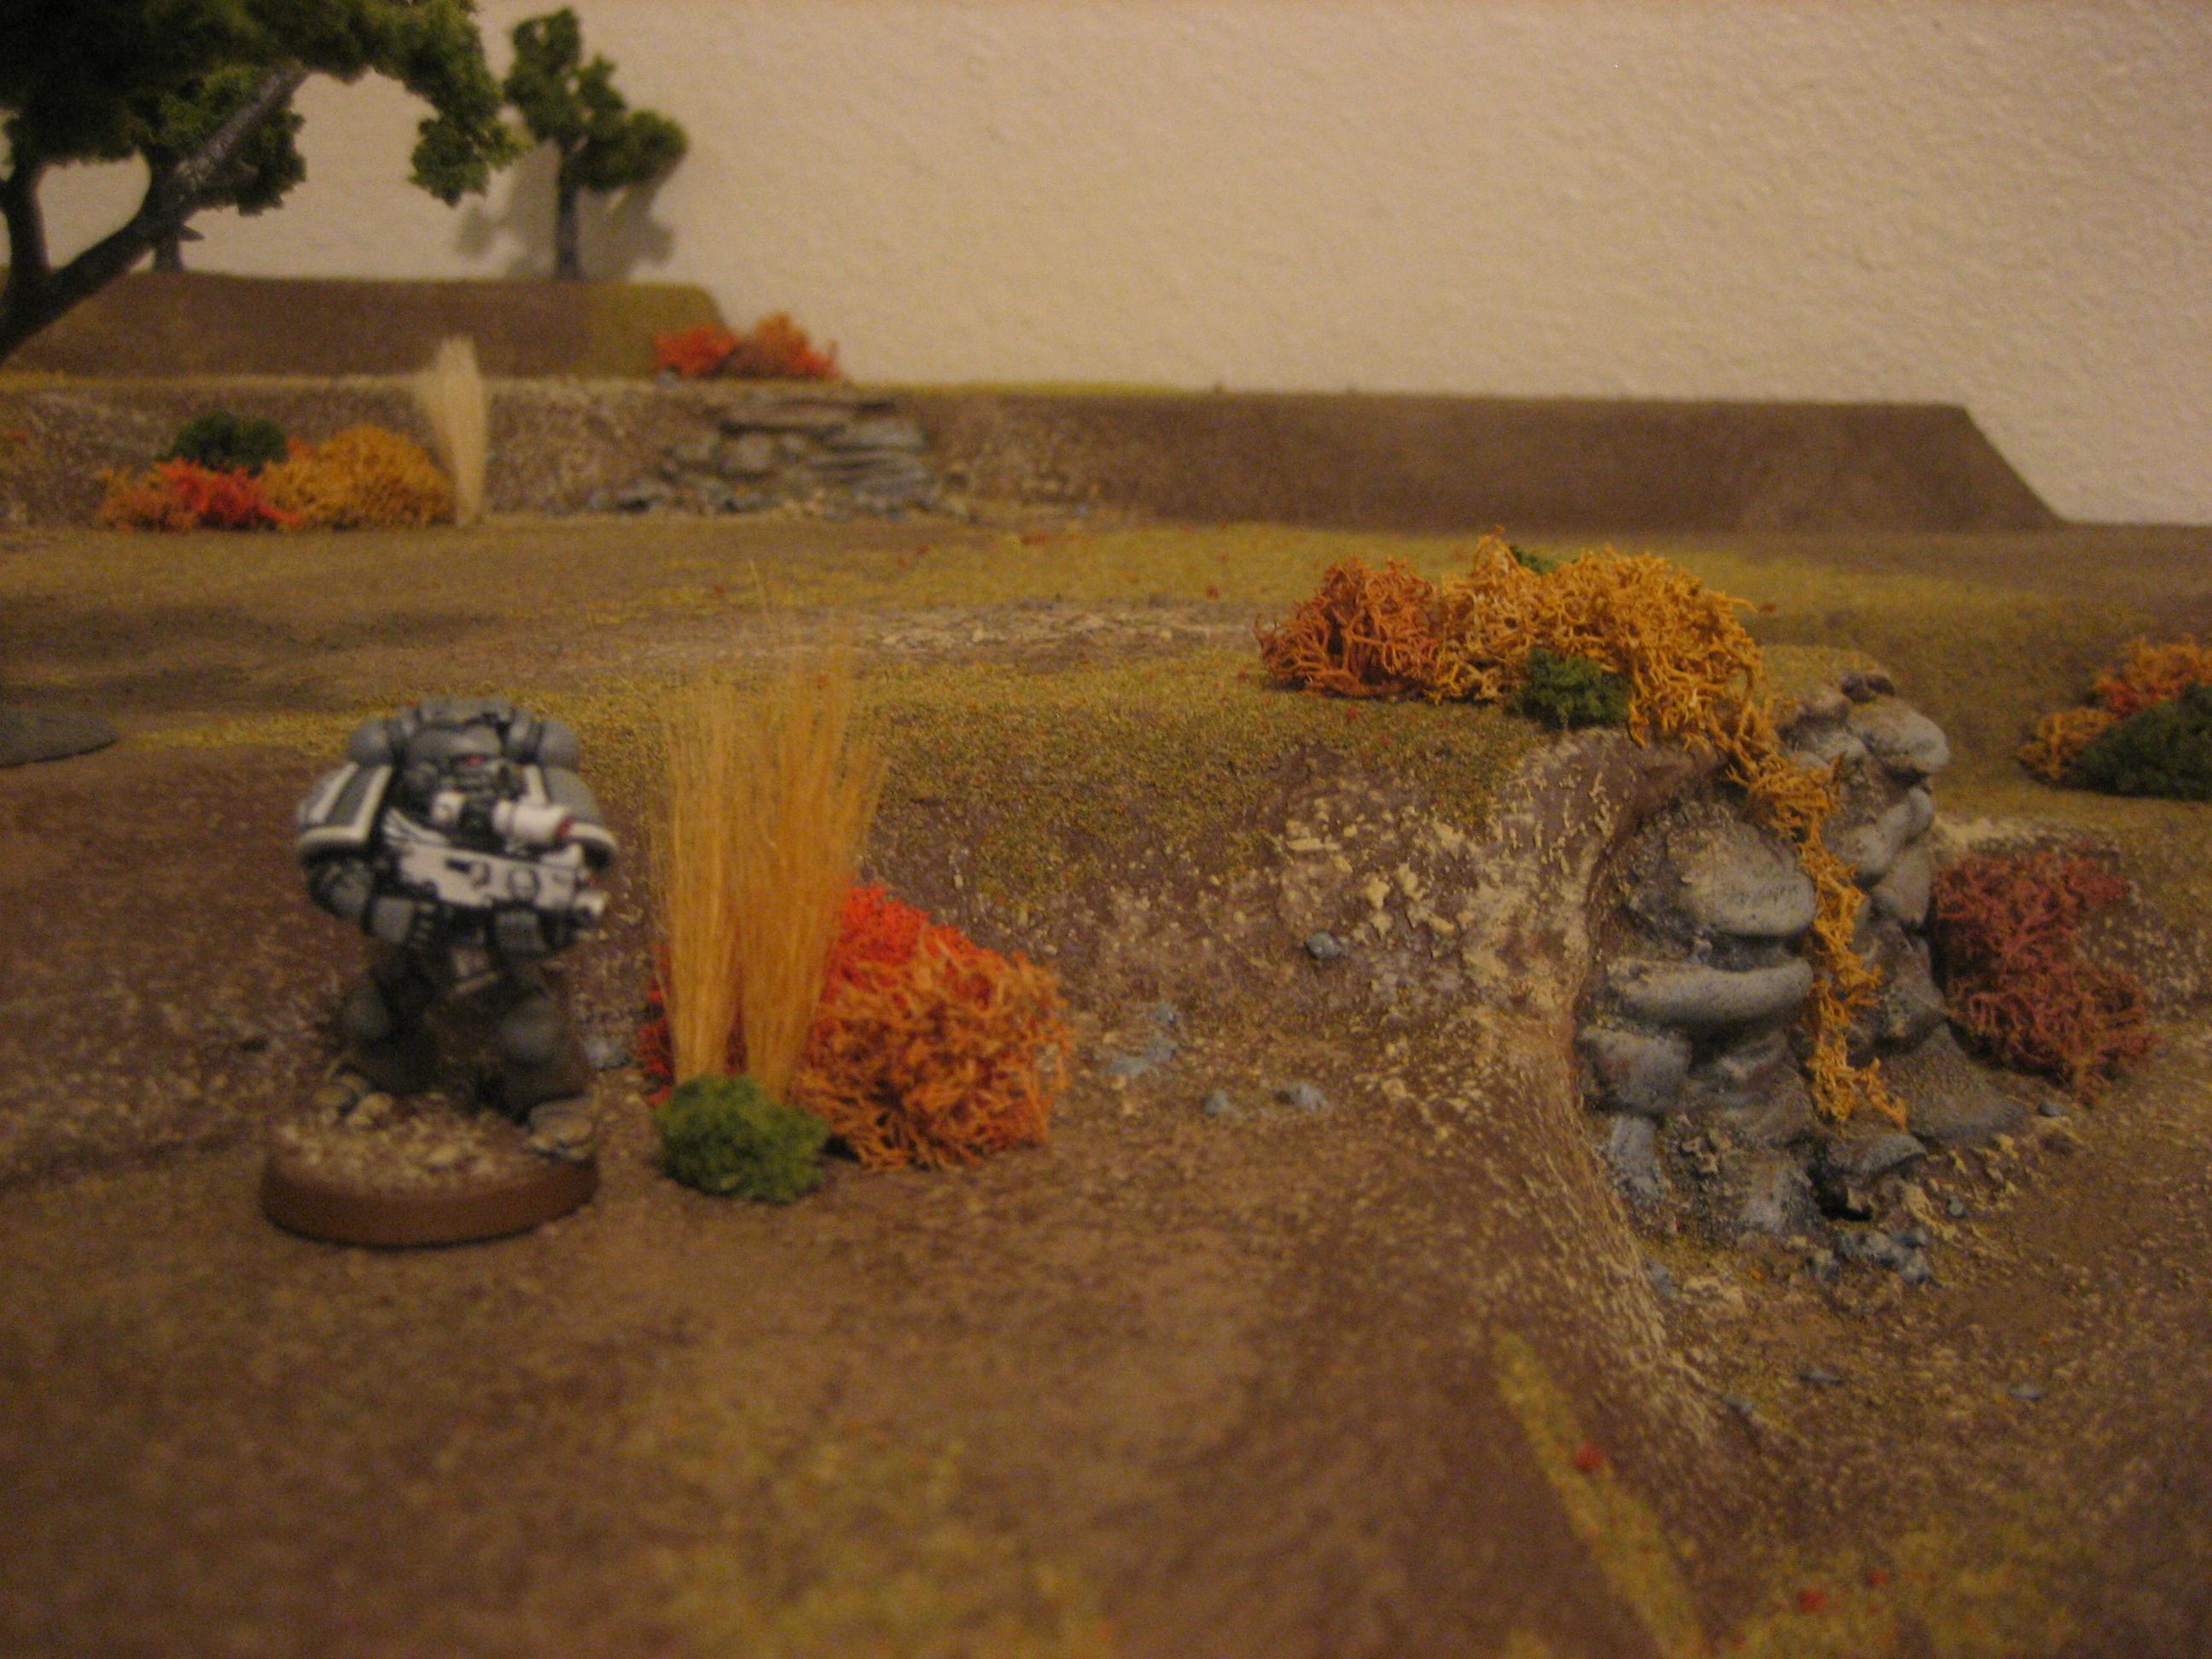 Autumn, Foliage, Game Table, Grass, Hills, Terrain